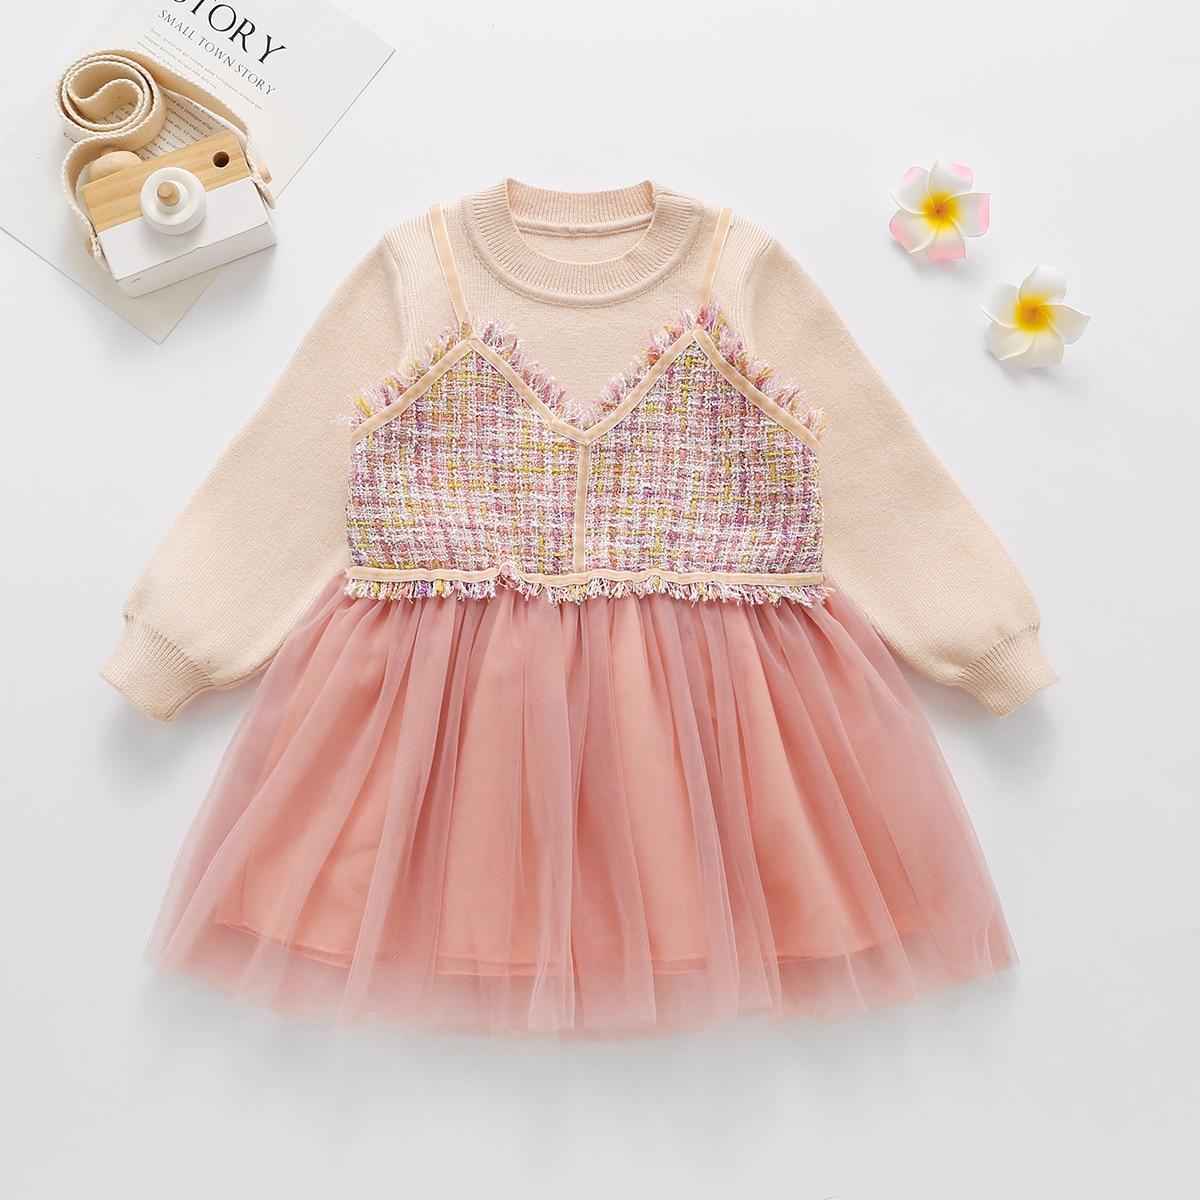 Контрастная сетка контрастный цвет повседневный трикотажные платья для девочек